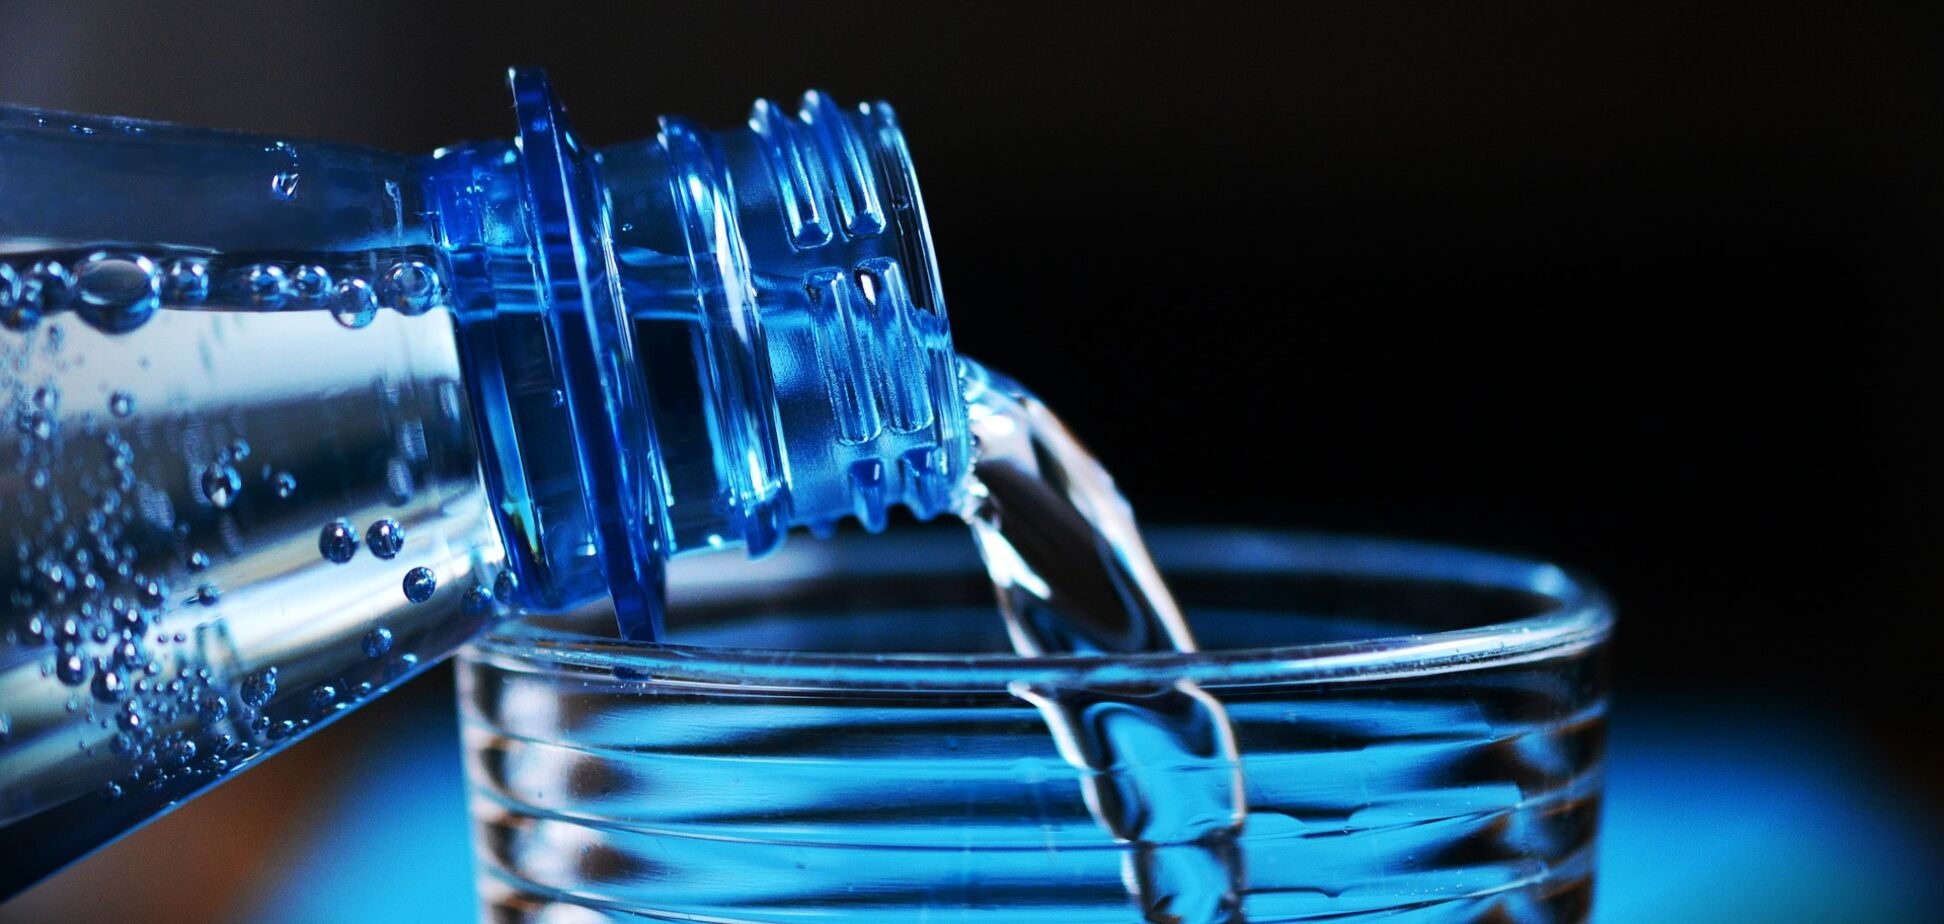 Комаровський пояснив, скільки потрібно пити води при вірусі